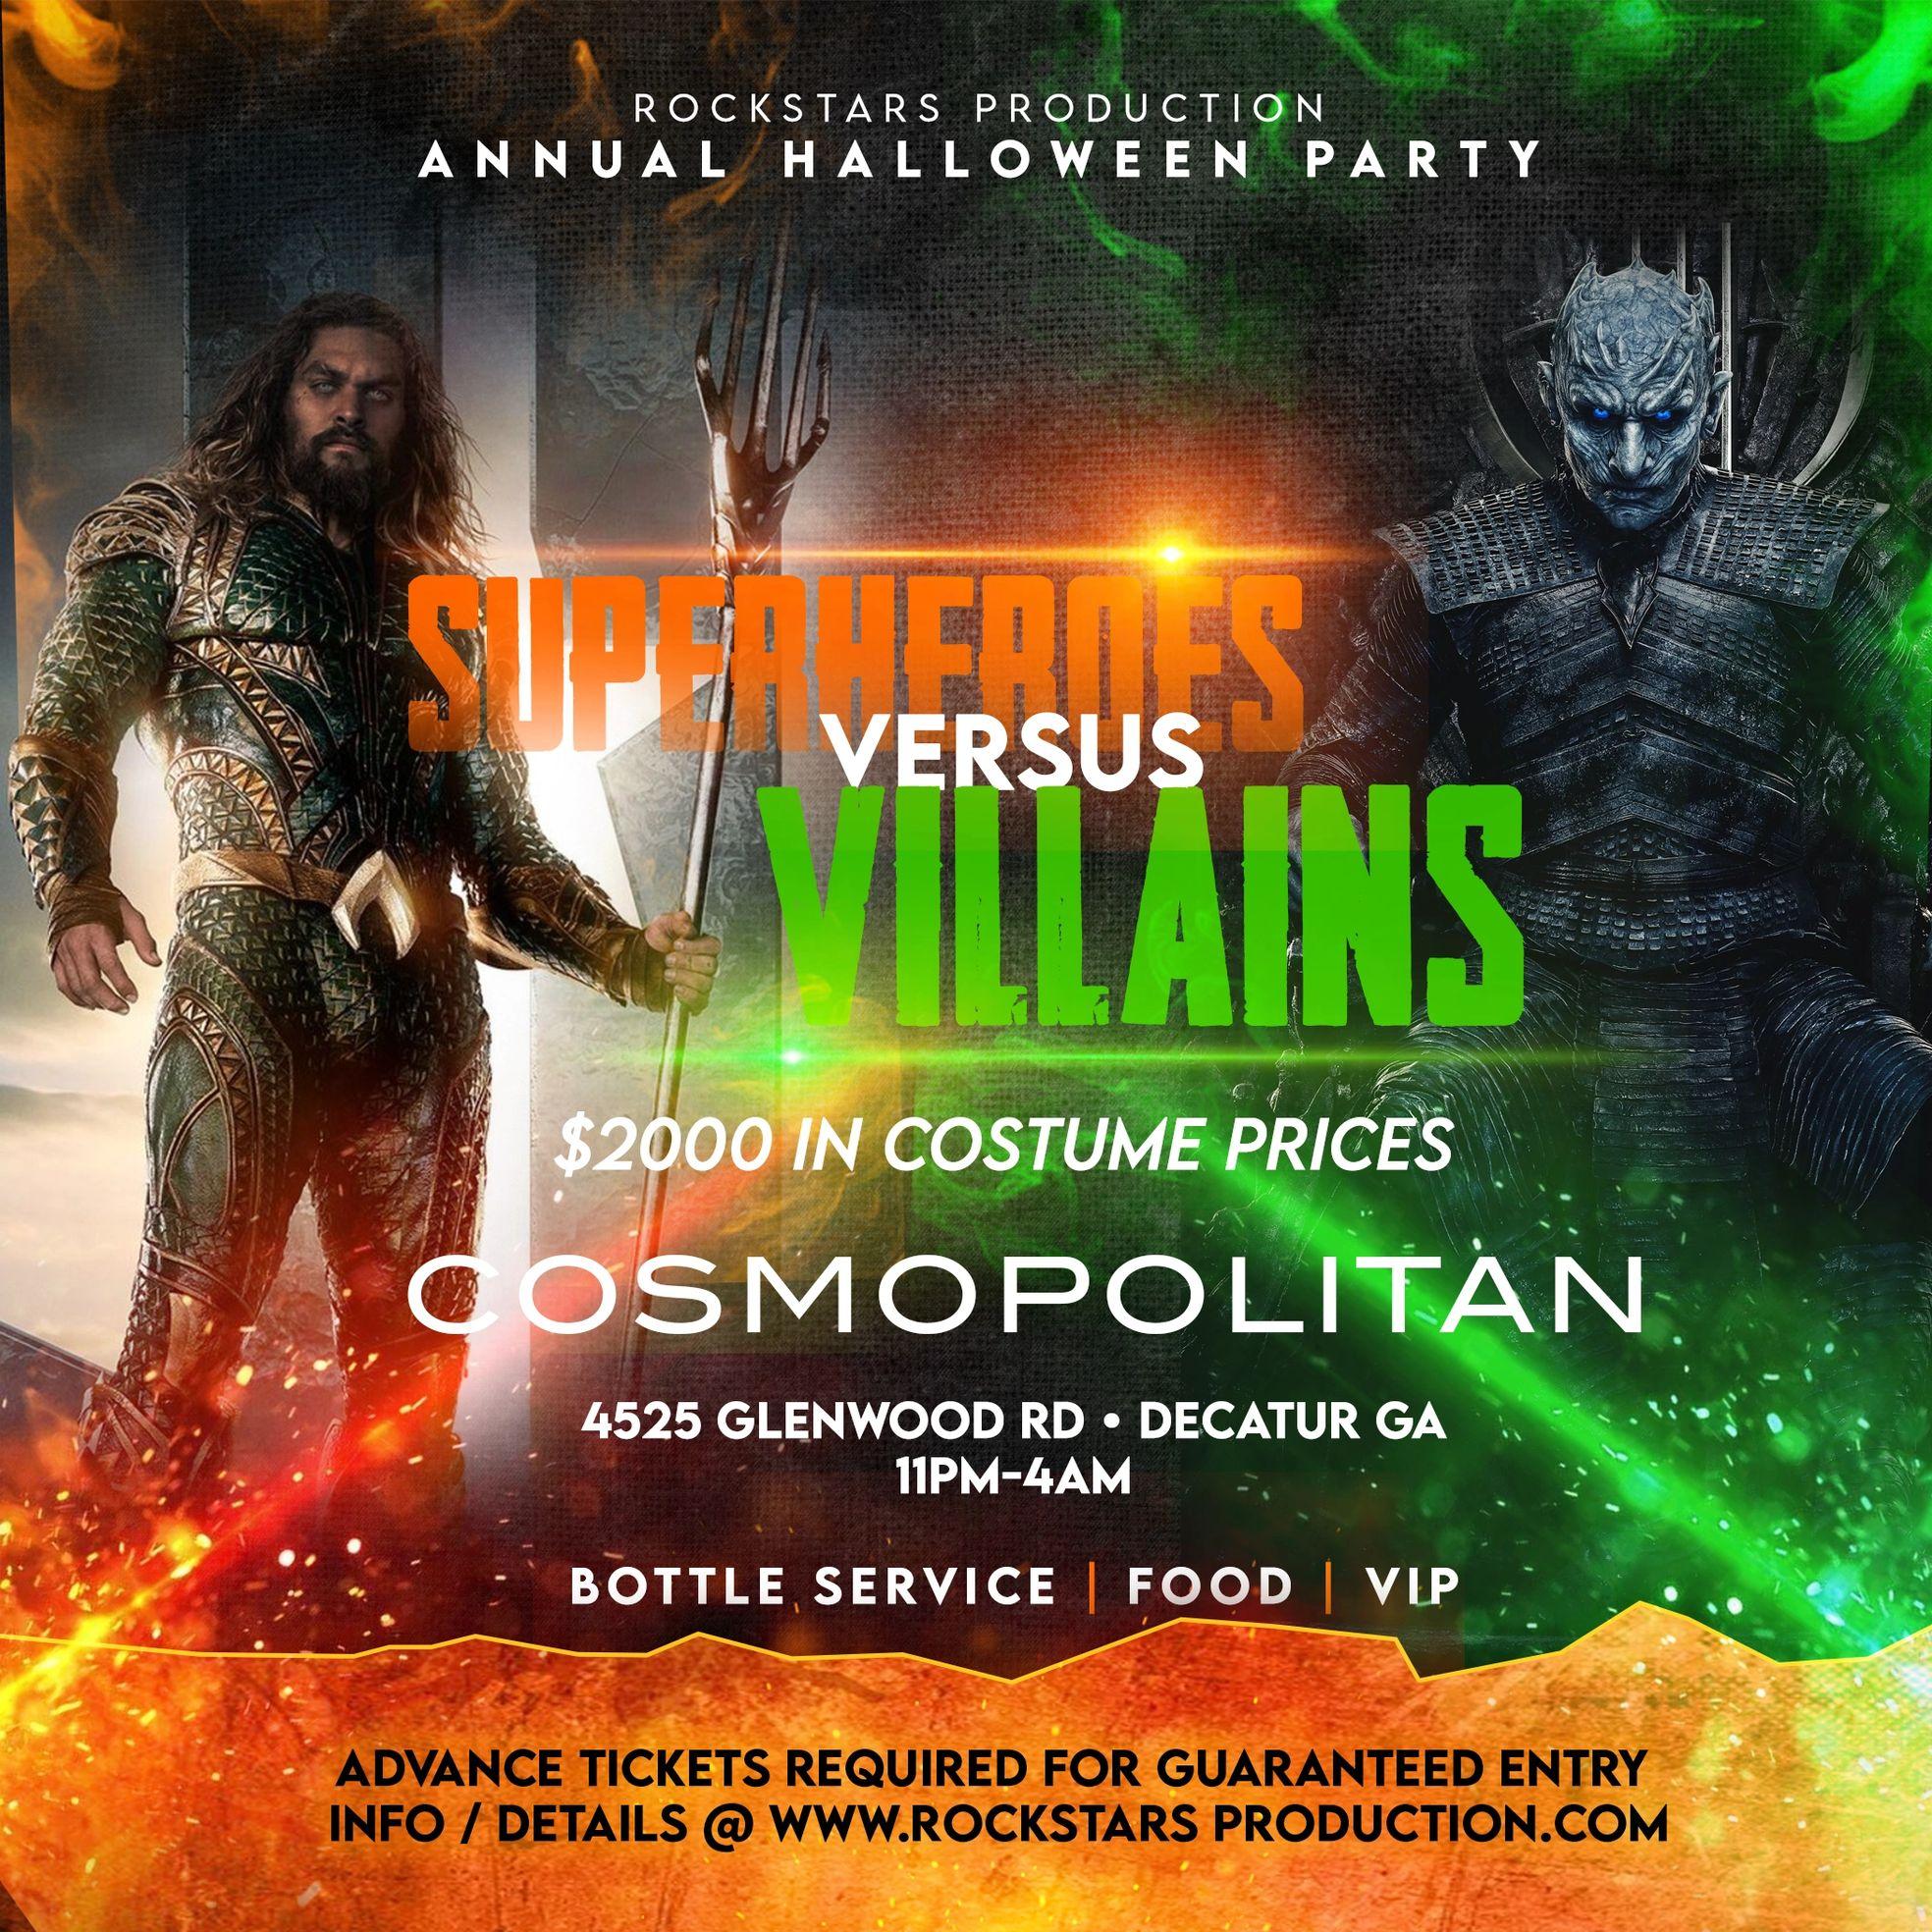 Superheroes vs Villains